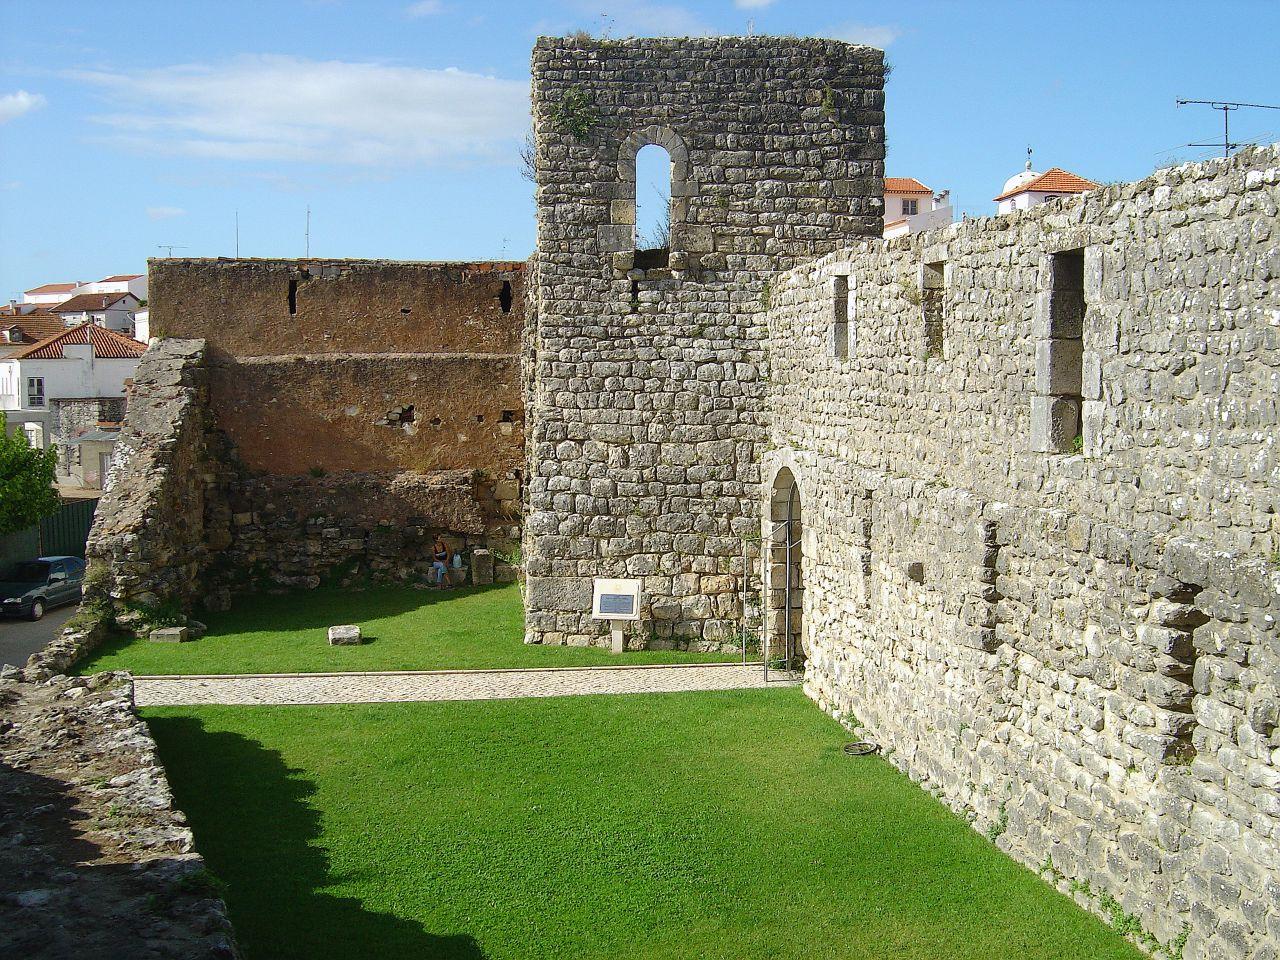 Castelo de Soure